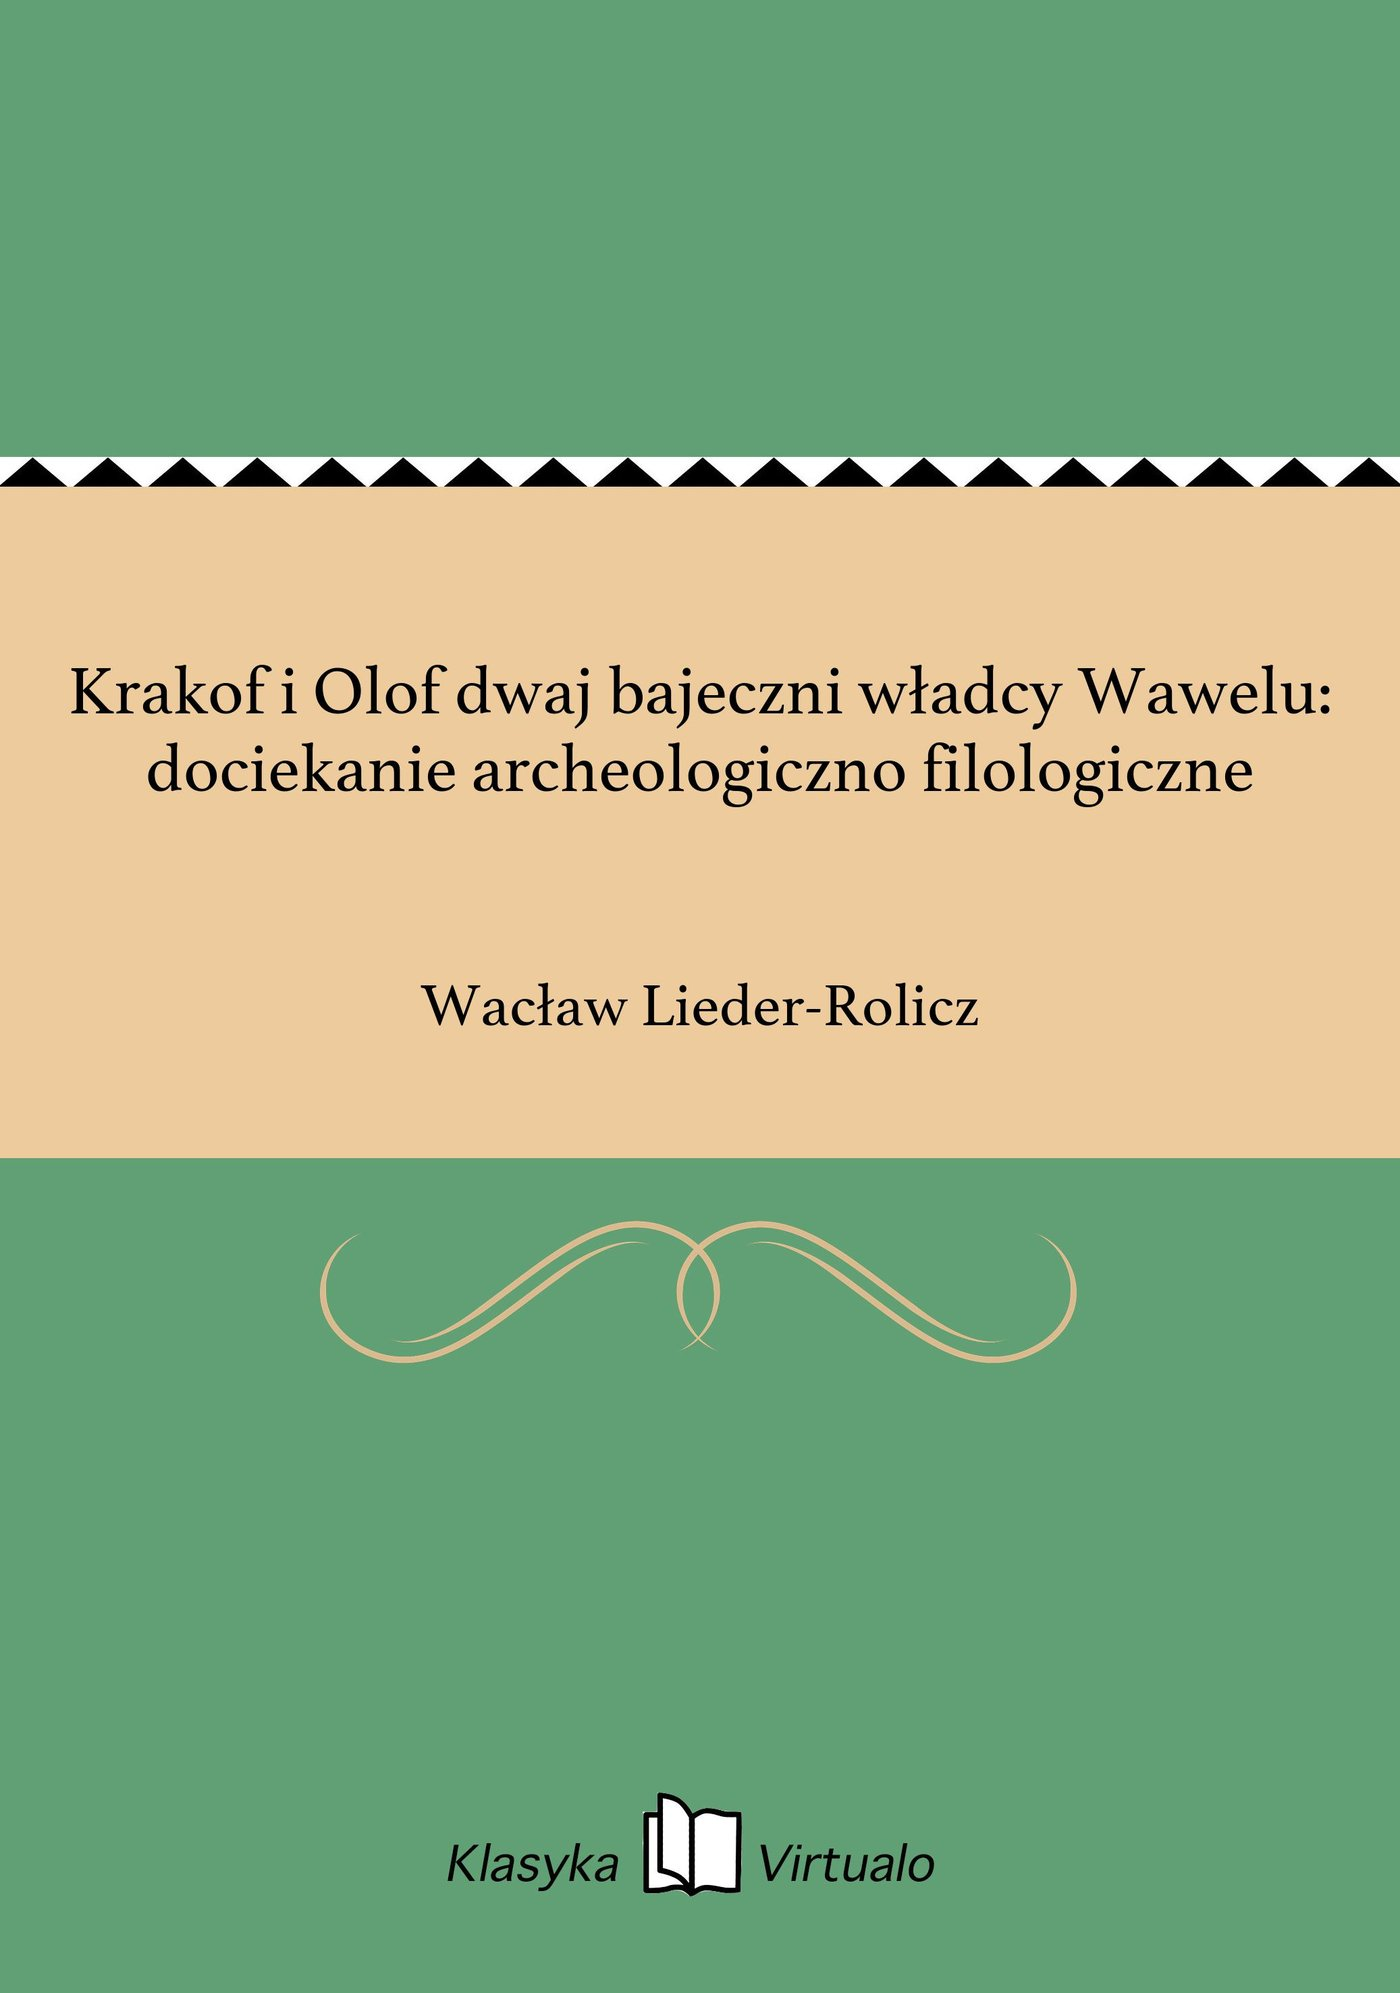 Krakof i Olof dwaj bajeczni władcy Wawelu: dociekanie archeologiczno filologiczne - Ebook (Książka EPUB) do pobrania w formacie EPUB